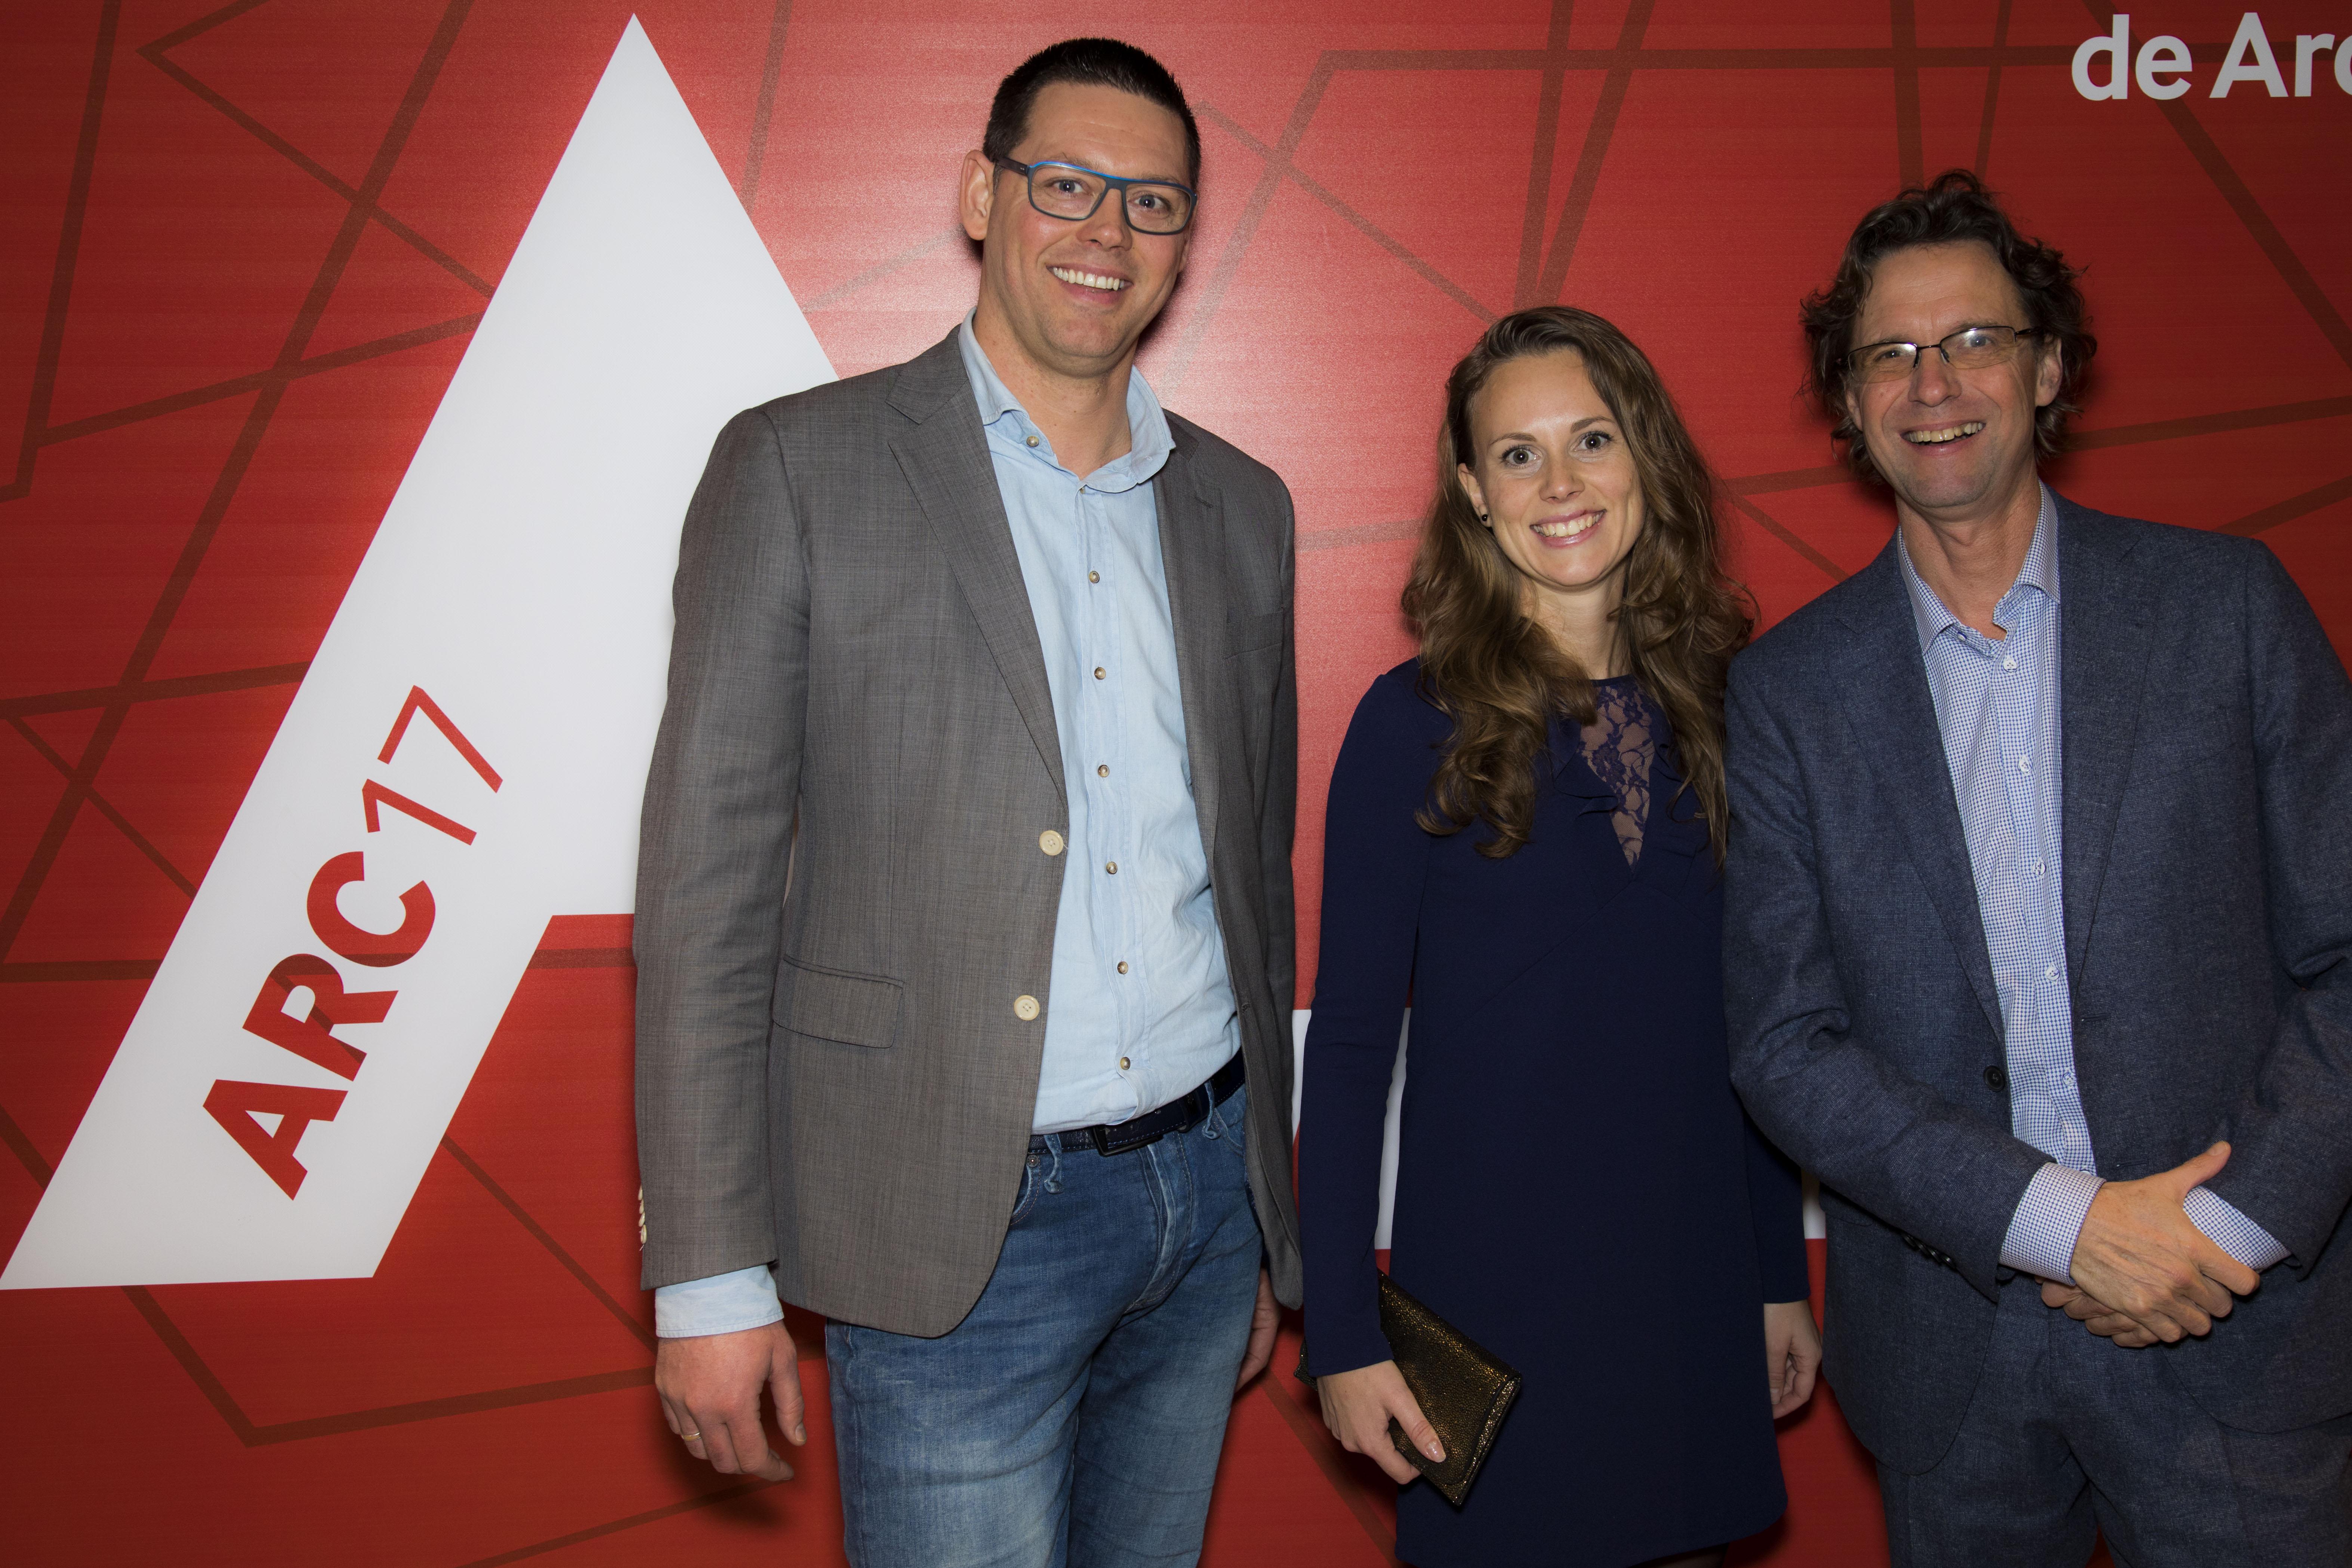 <p>ARC17 Van links naar rechts: Jeroen Kuilman, Sandra Foppen, Hans Bloemendaal (Rohde &#038; Grahl). Foto: Elvins Fotografie</p>